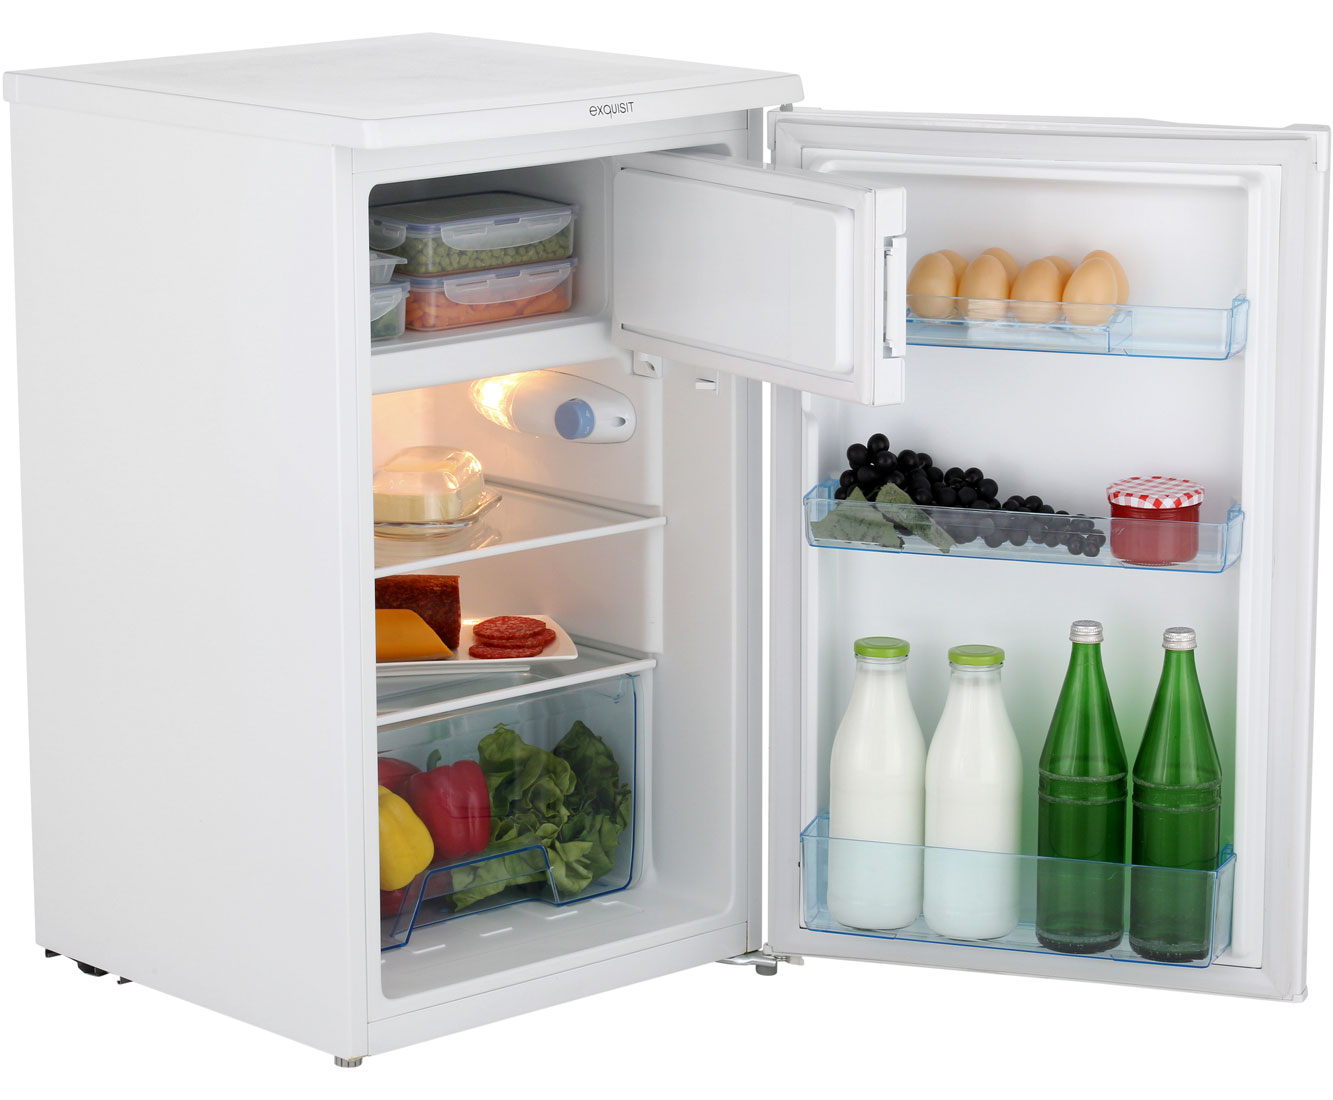 Mini Kühlschrank Mit Gefrierfach Für Pizza : Exquisit ks a kühlschrank mit gefrierfach weiß a